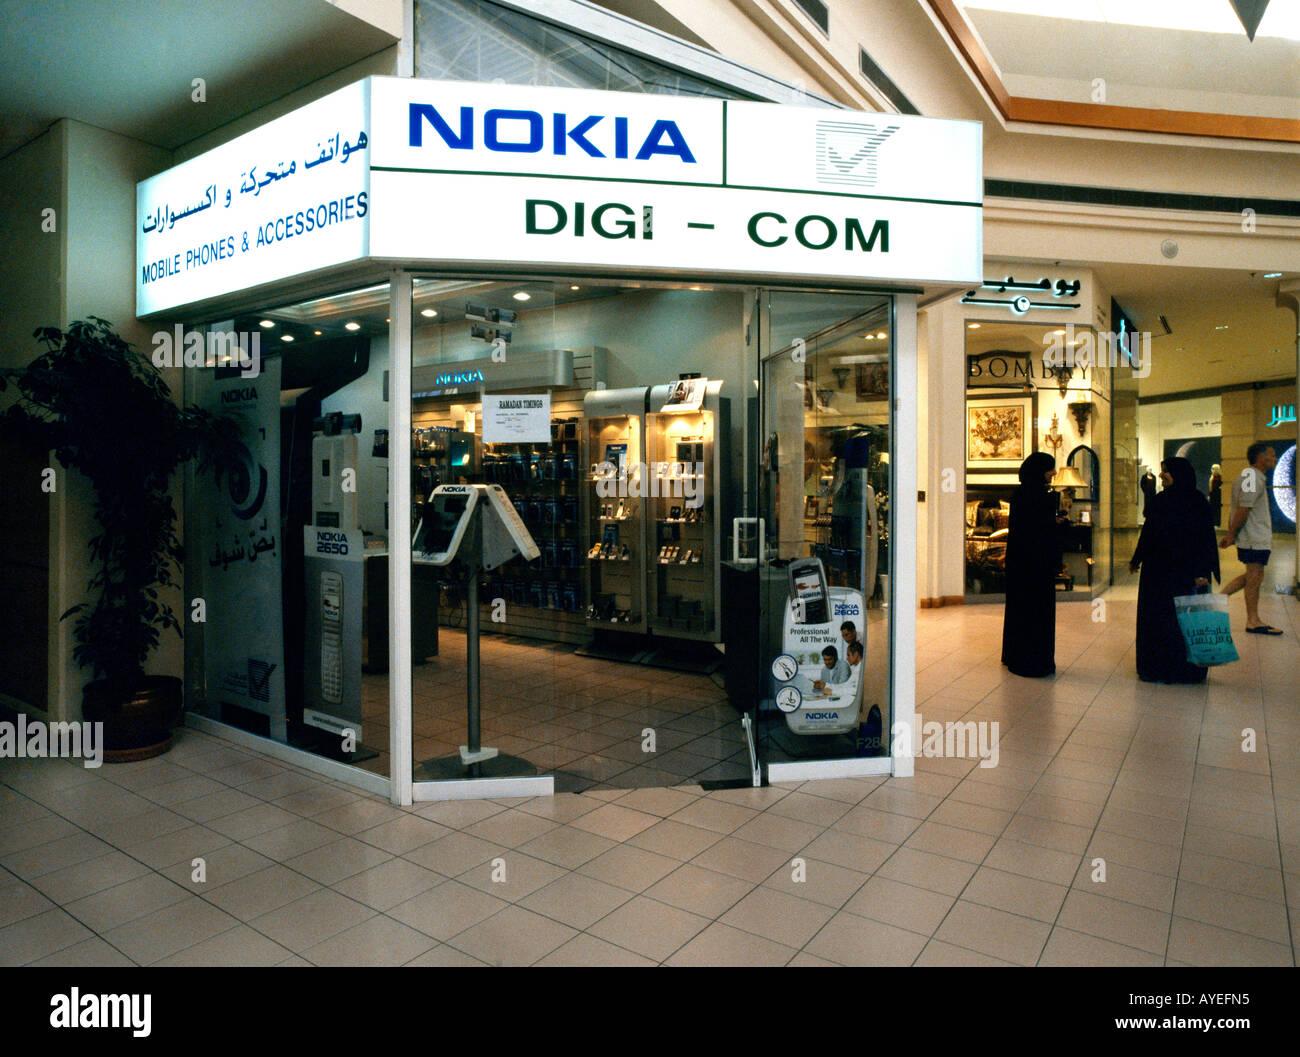 Dubai Phone Shop Stock Photos & Dubai Phone Shop Stock Images - Alamy